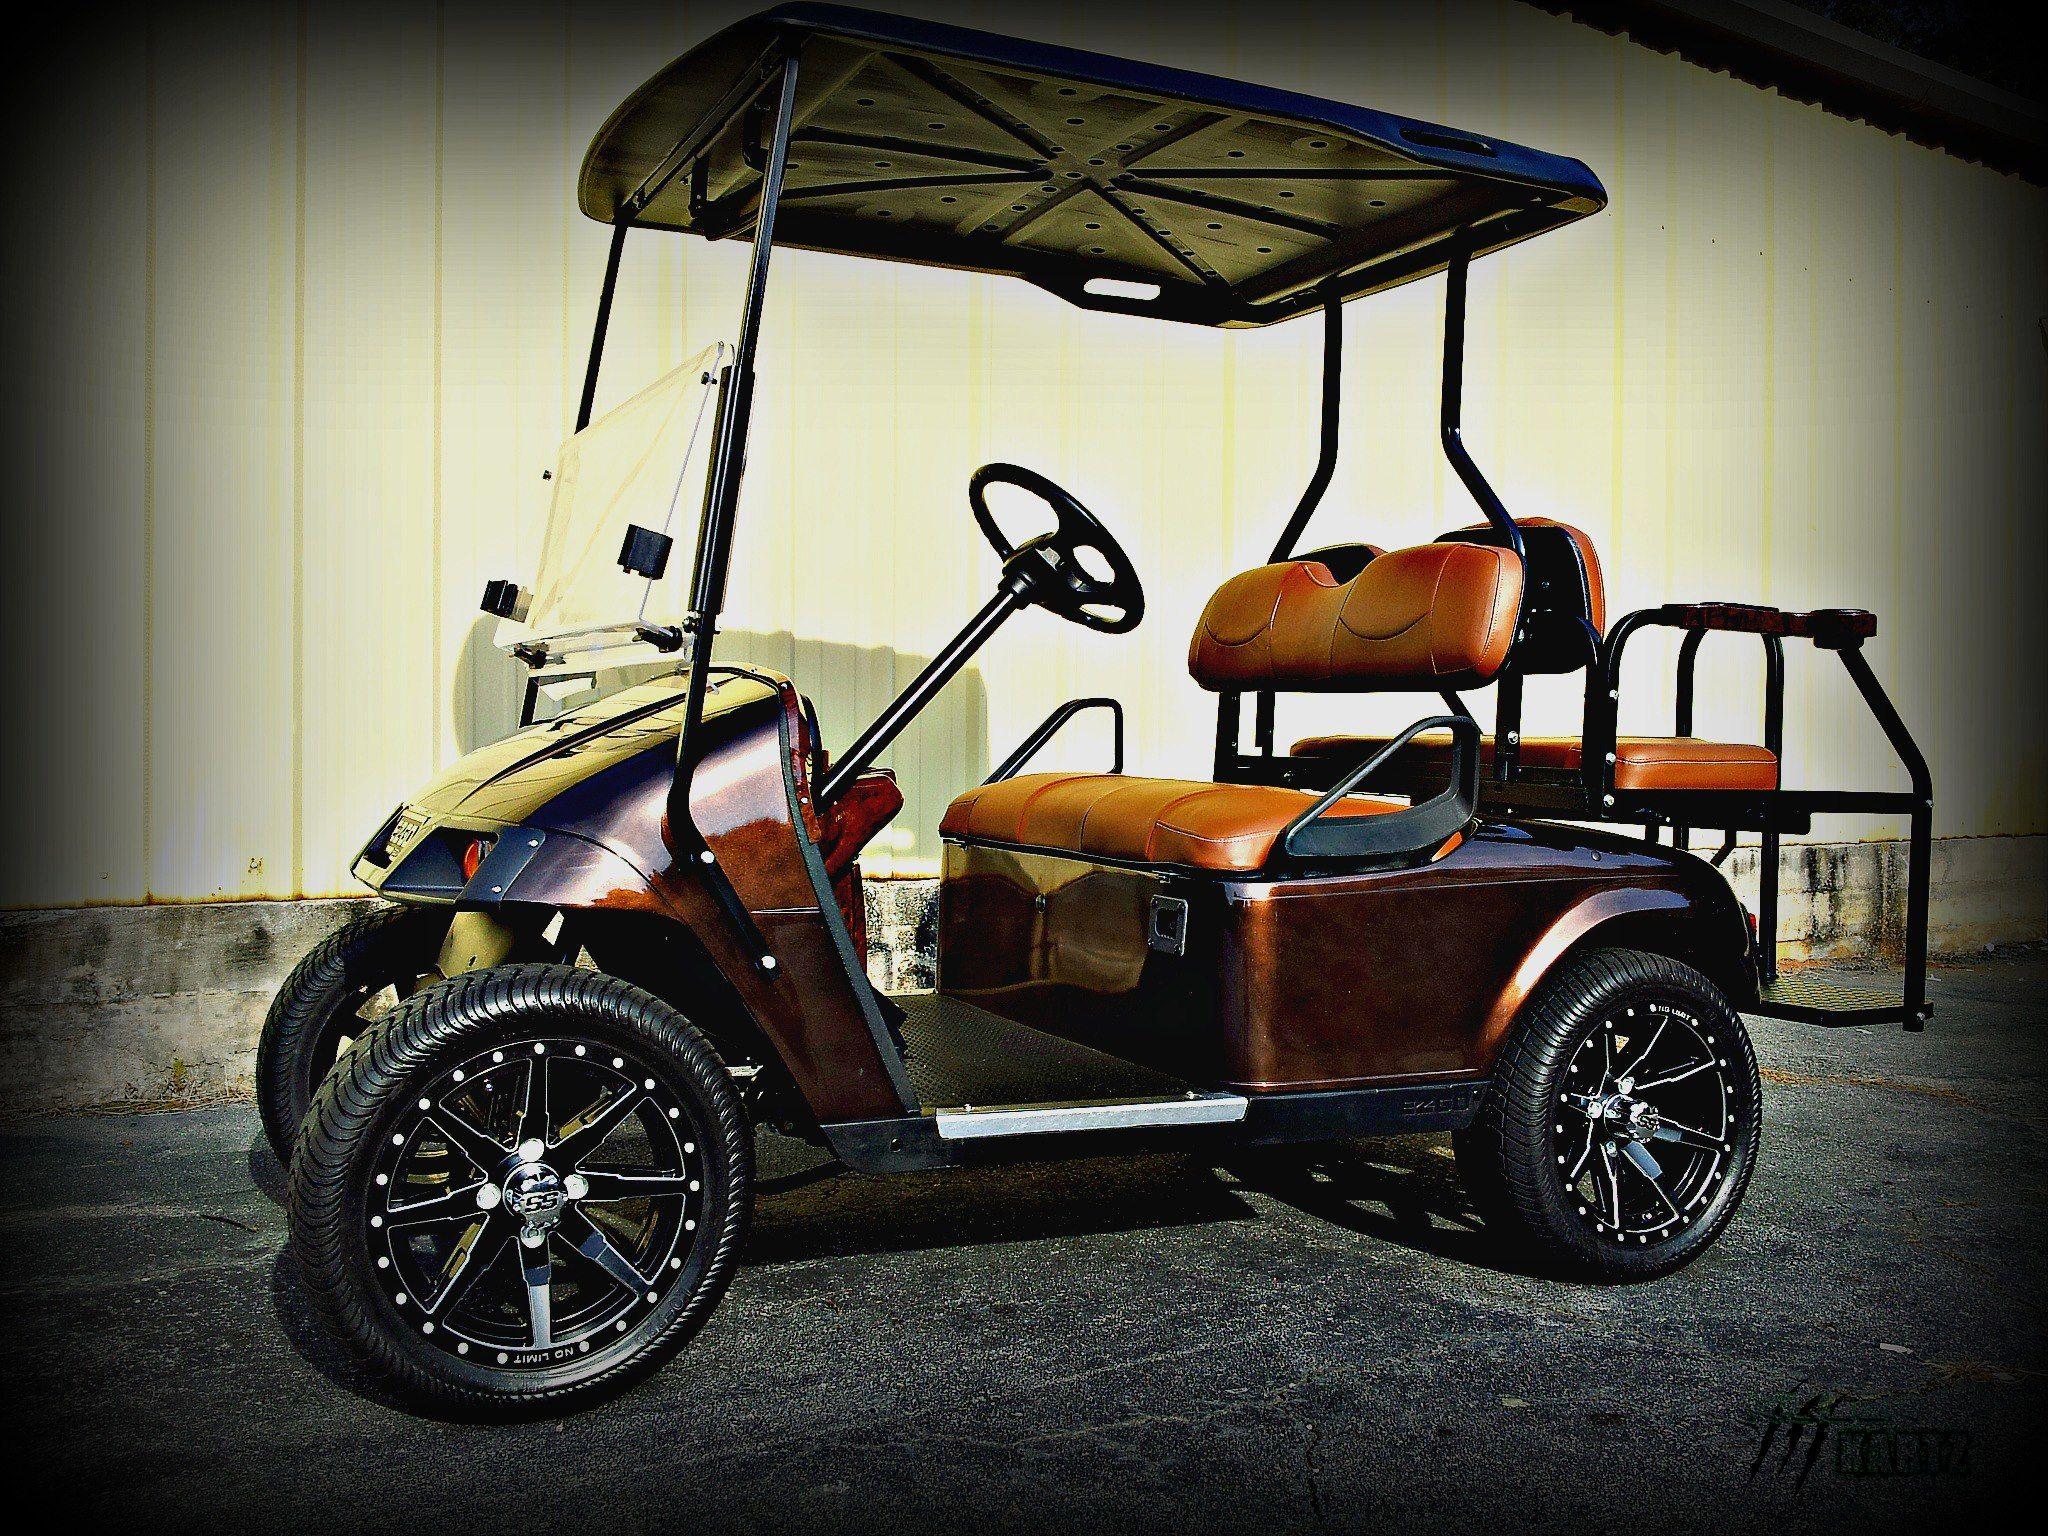 14 Gloss Black Tracer Octanes With Bullet Edge On A Golf Car Golf Car Golf Carts Golf